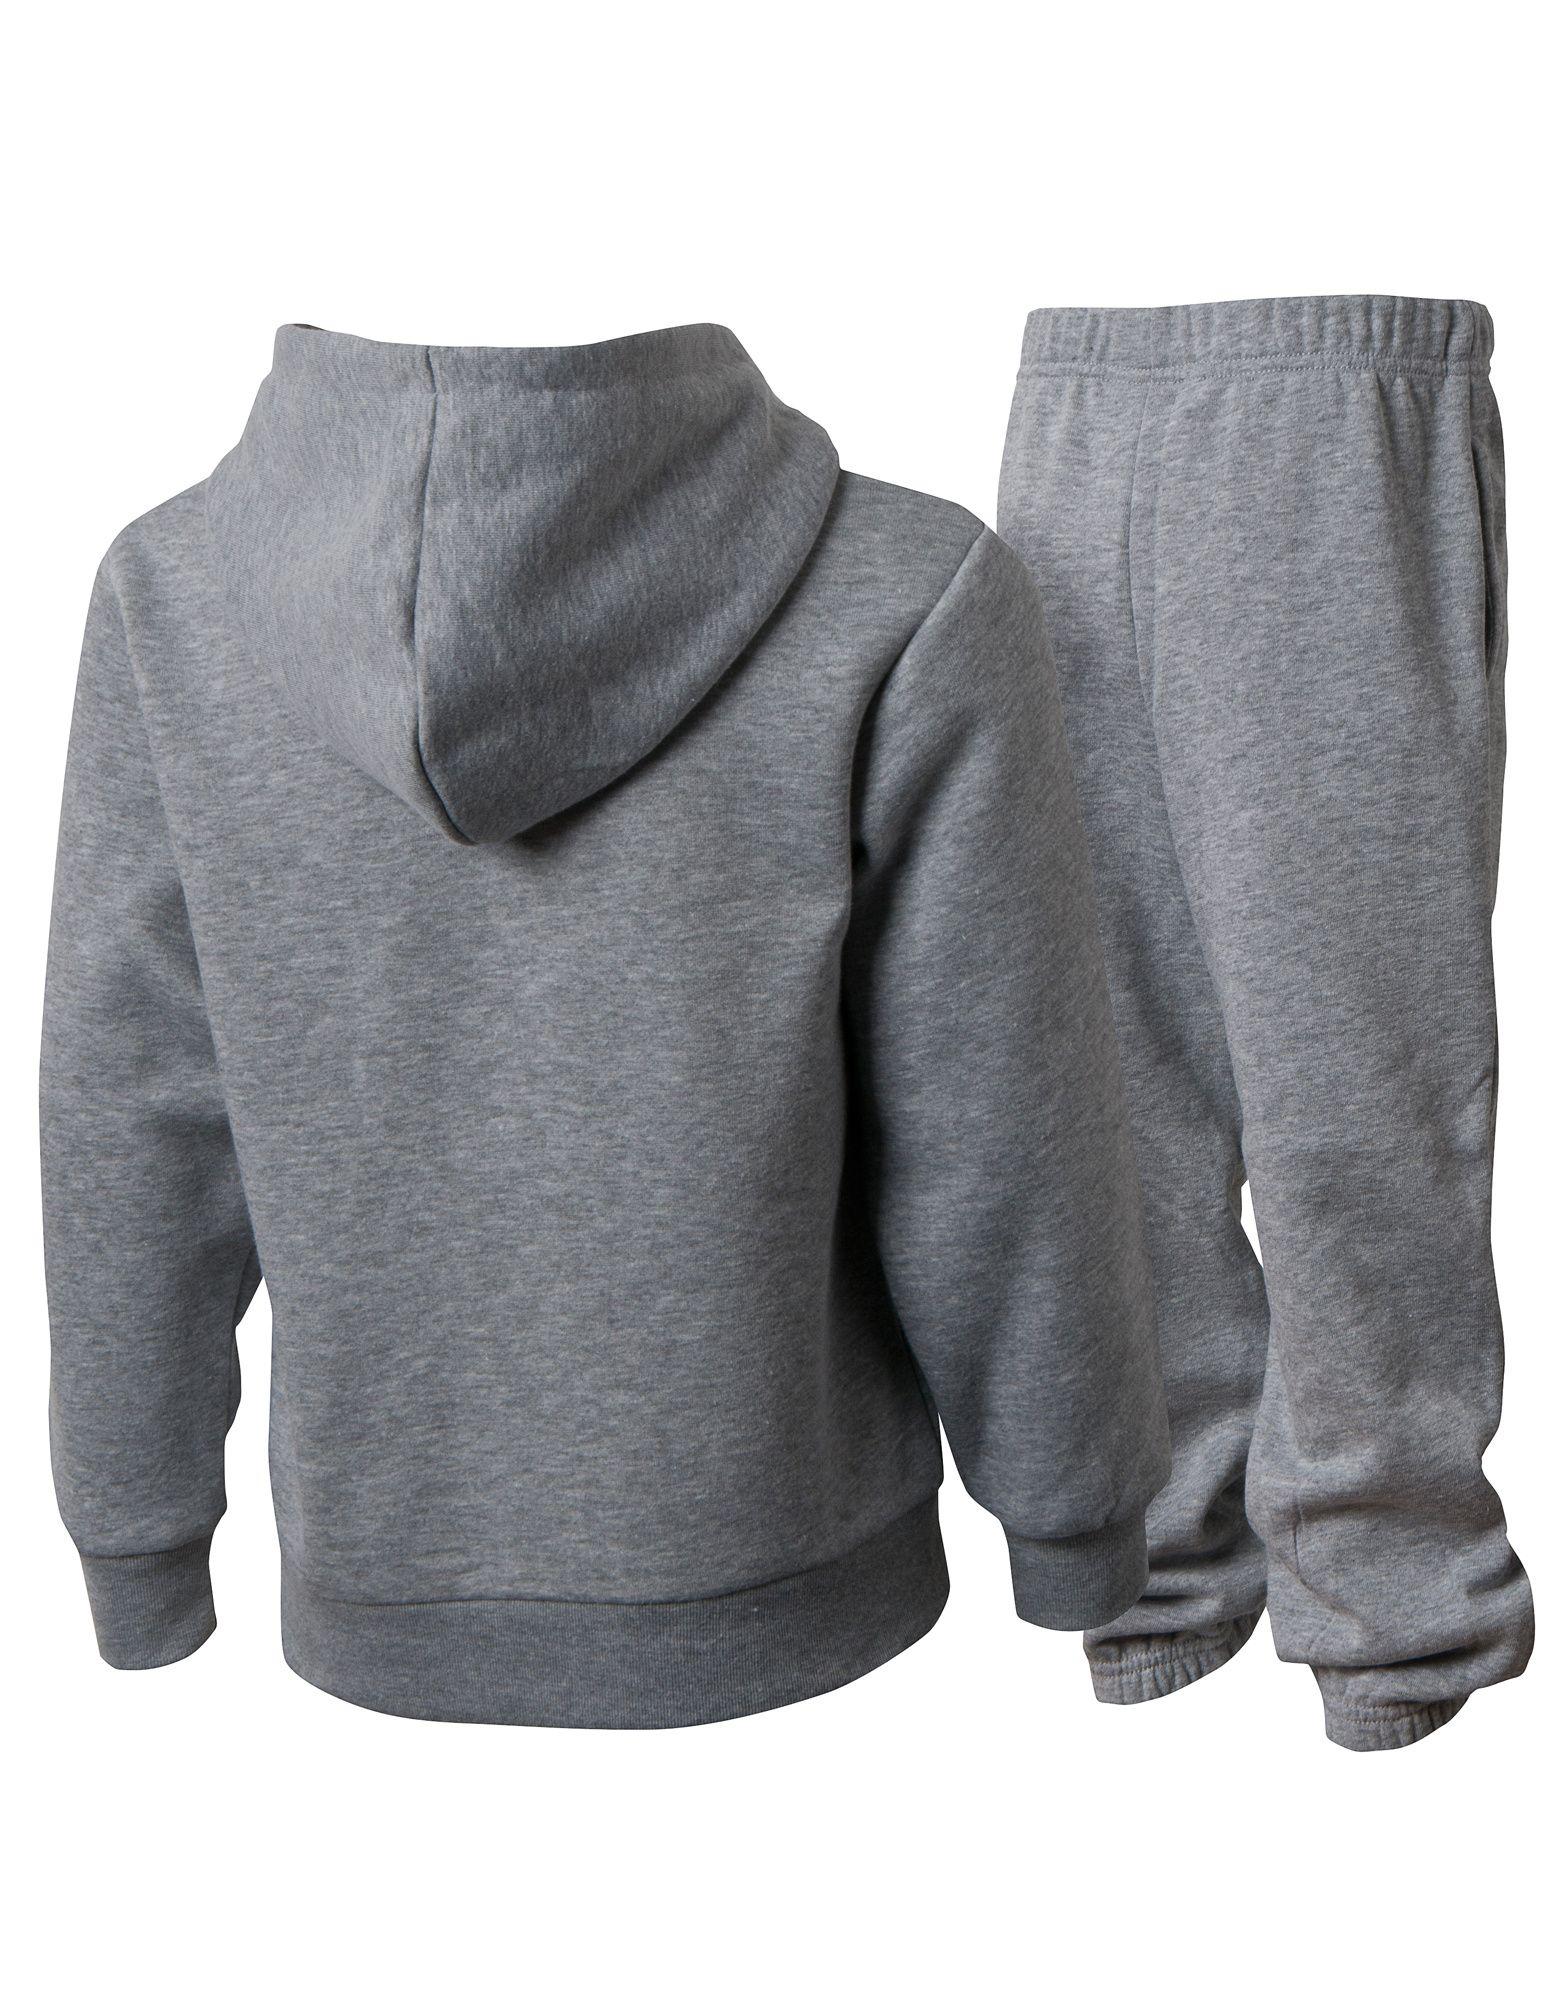 Carbrini Pax Fleece Suit Childrens